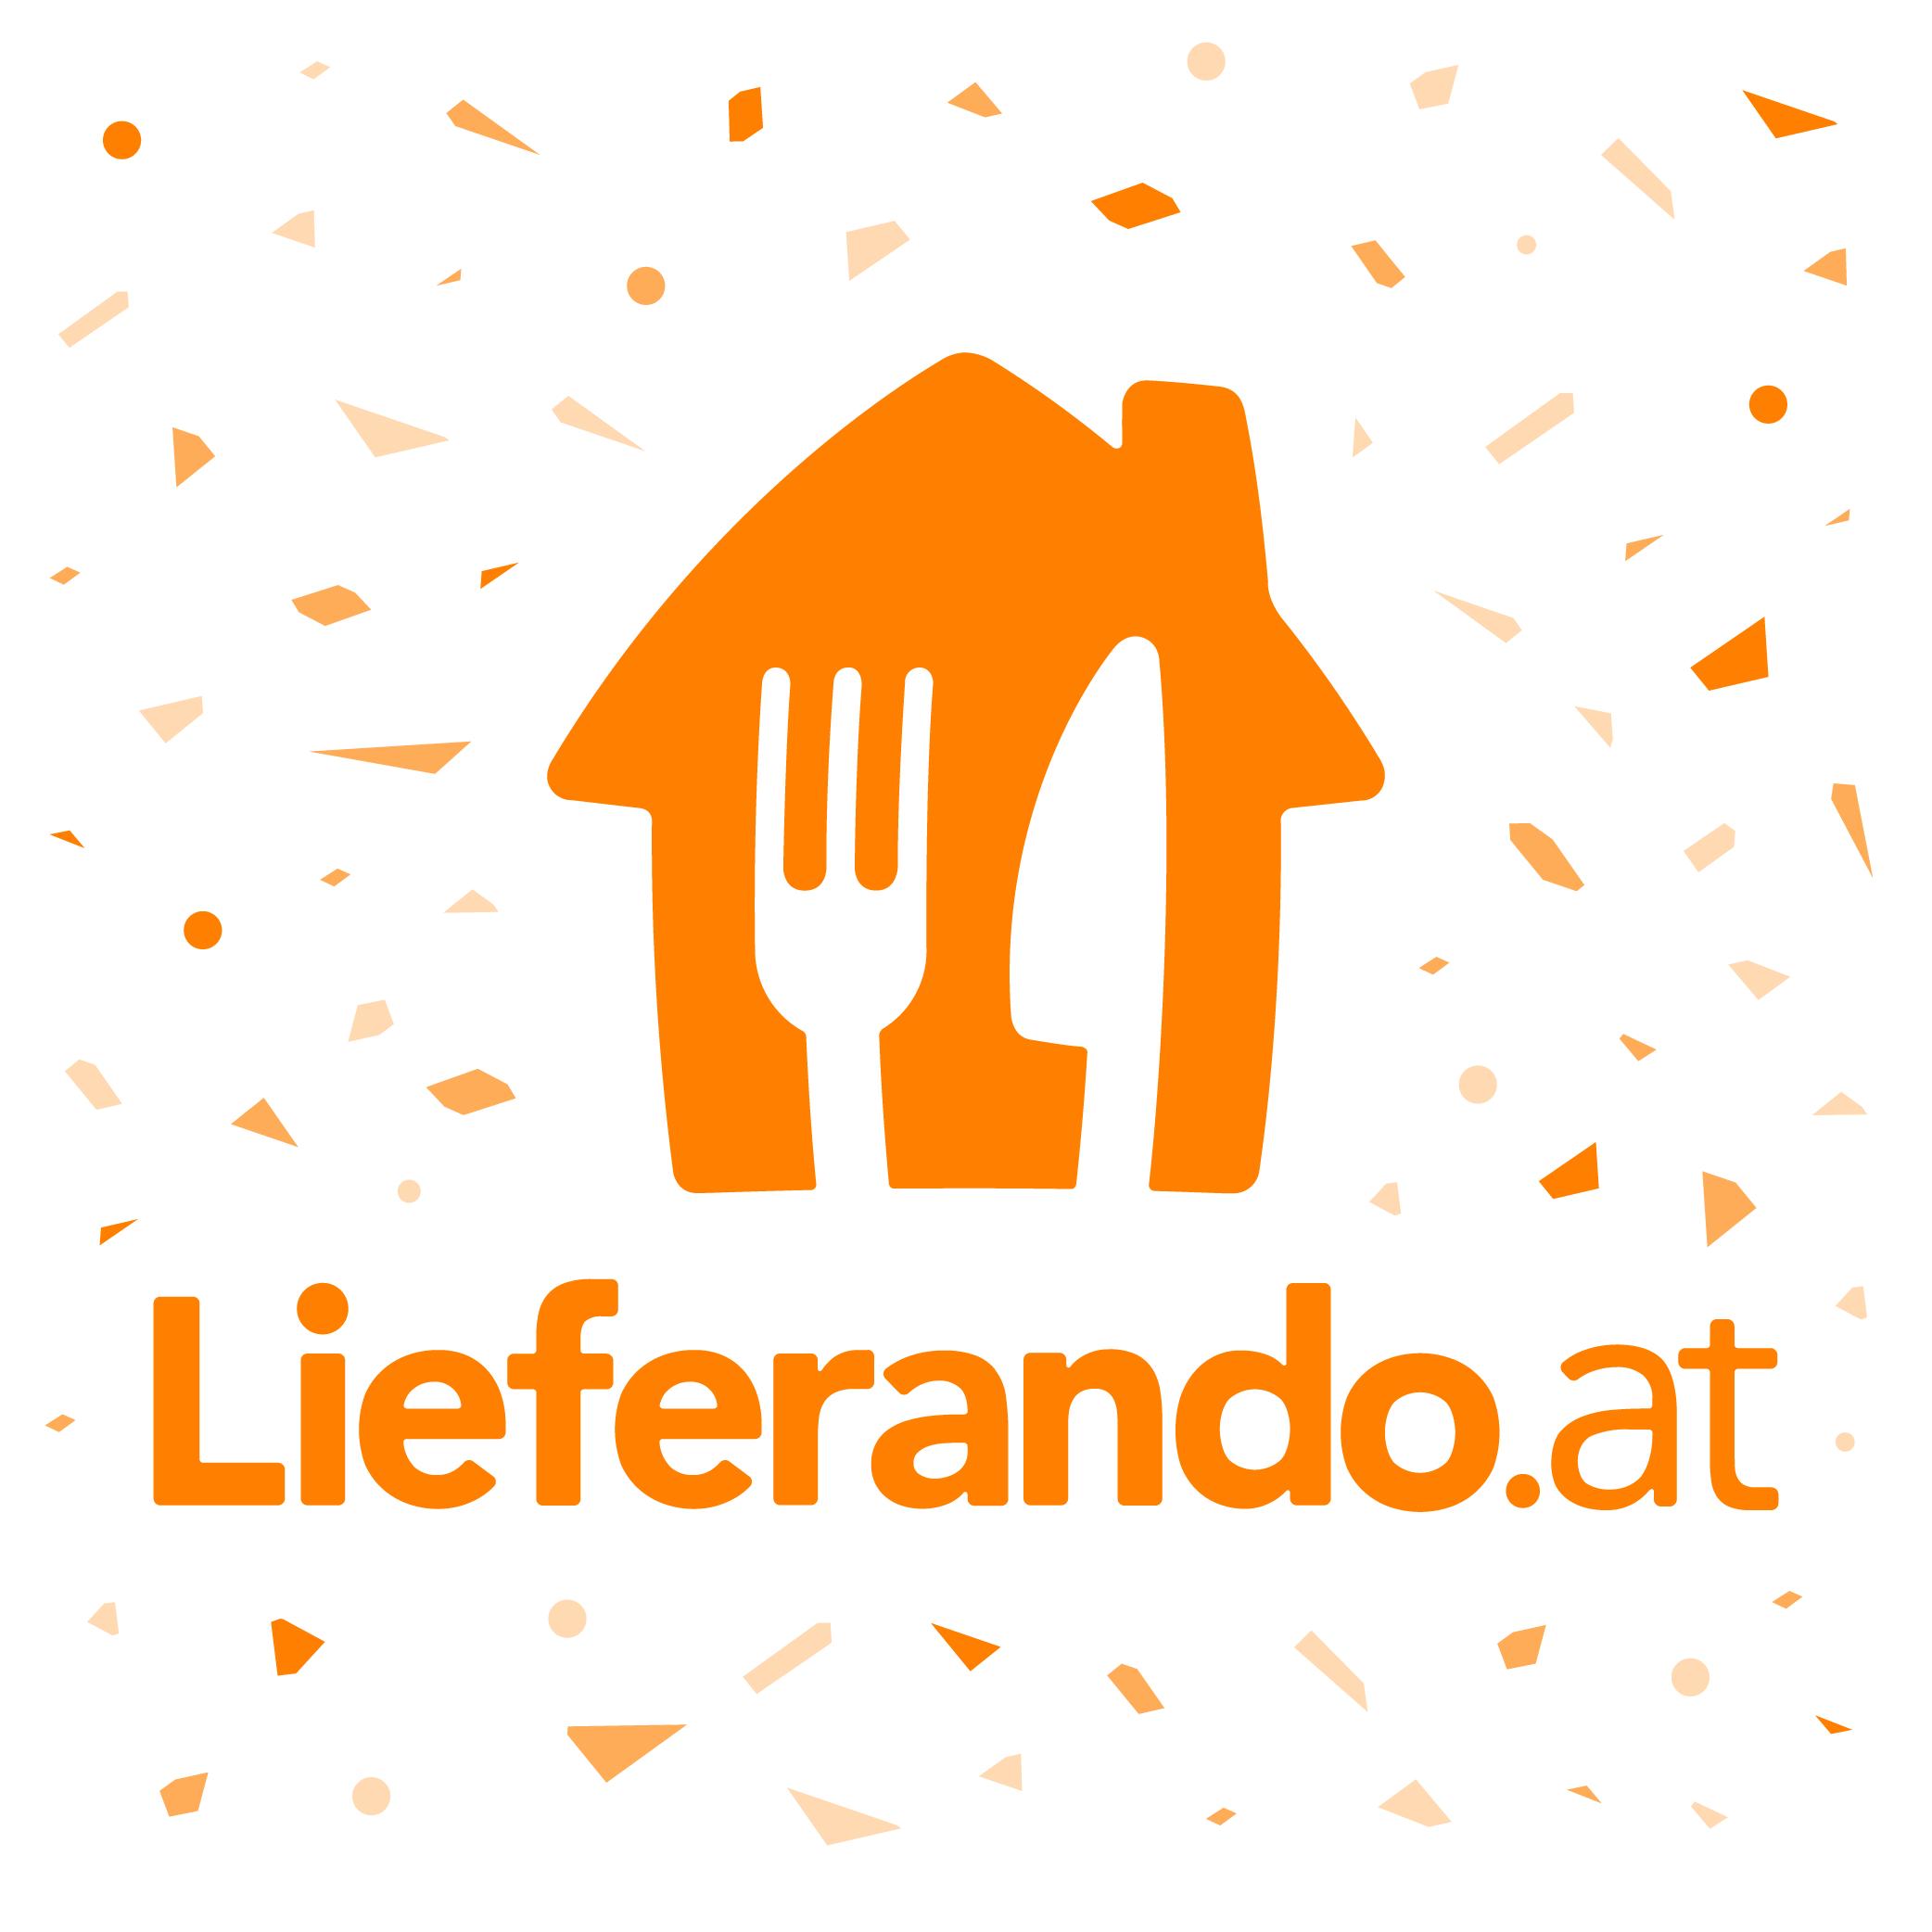 Hol Dir Deinen 2,50 € App-Gutschein für Lieferando.at 🎁